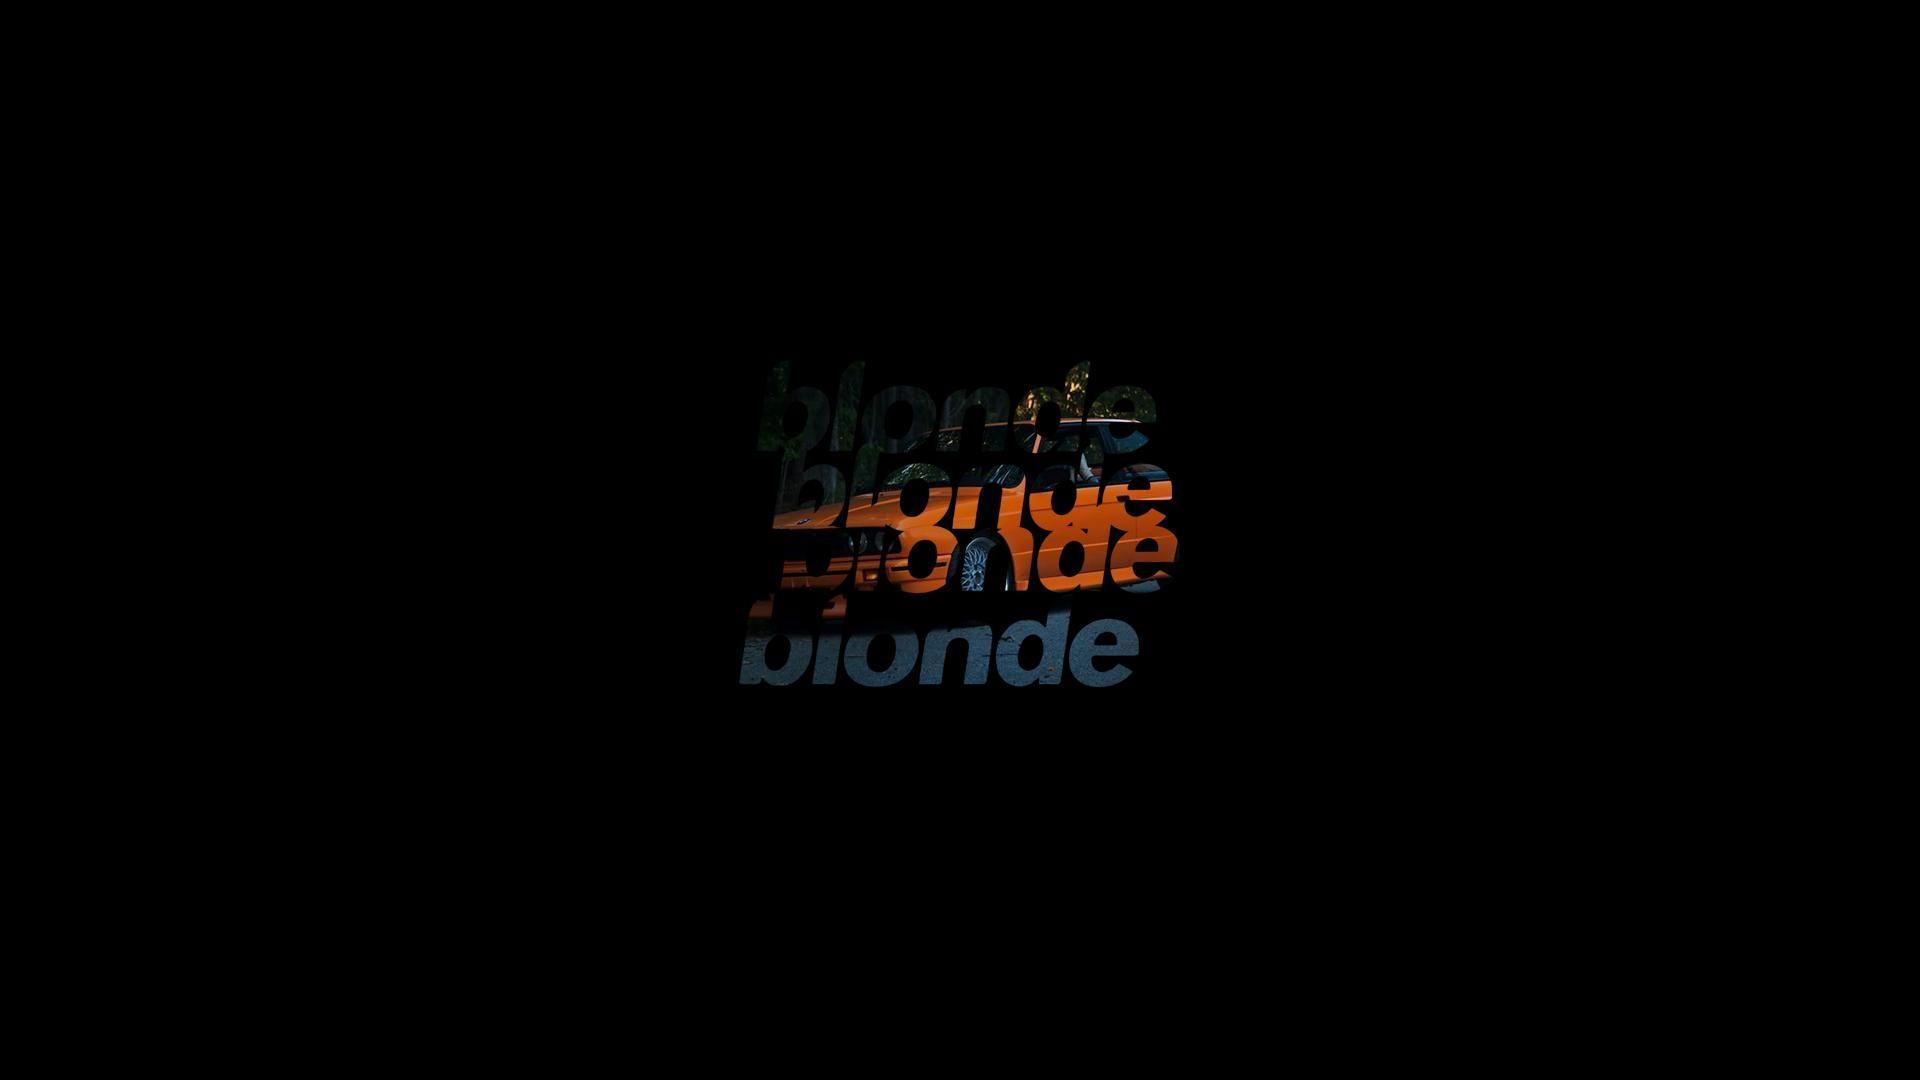 Blonde Minimalistic Wallpaper 1920x1080 Reddit Hd